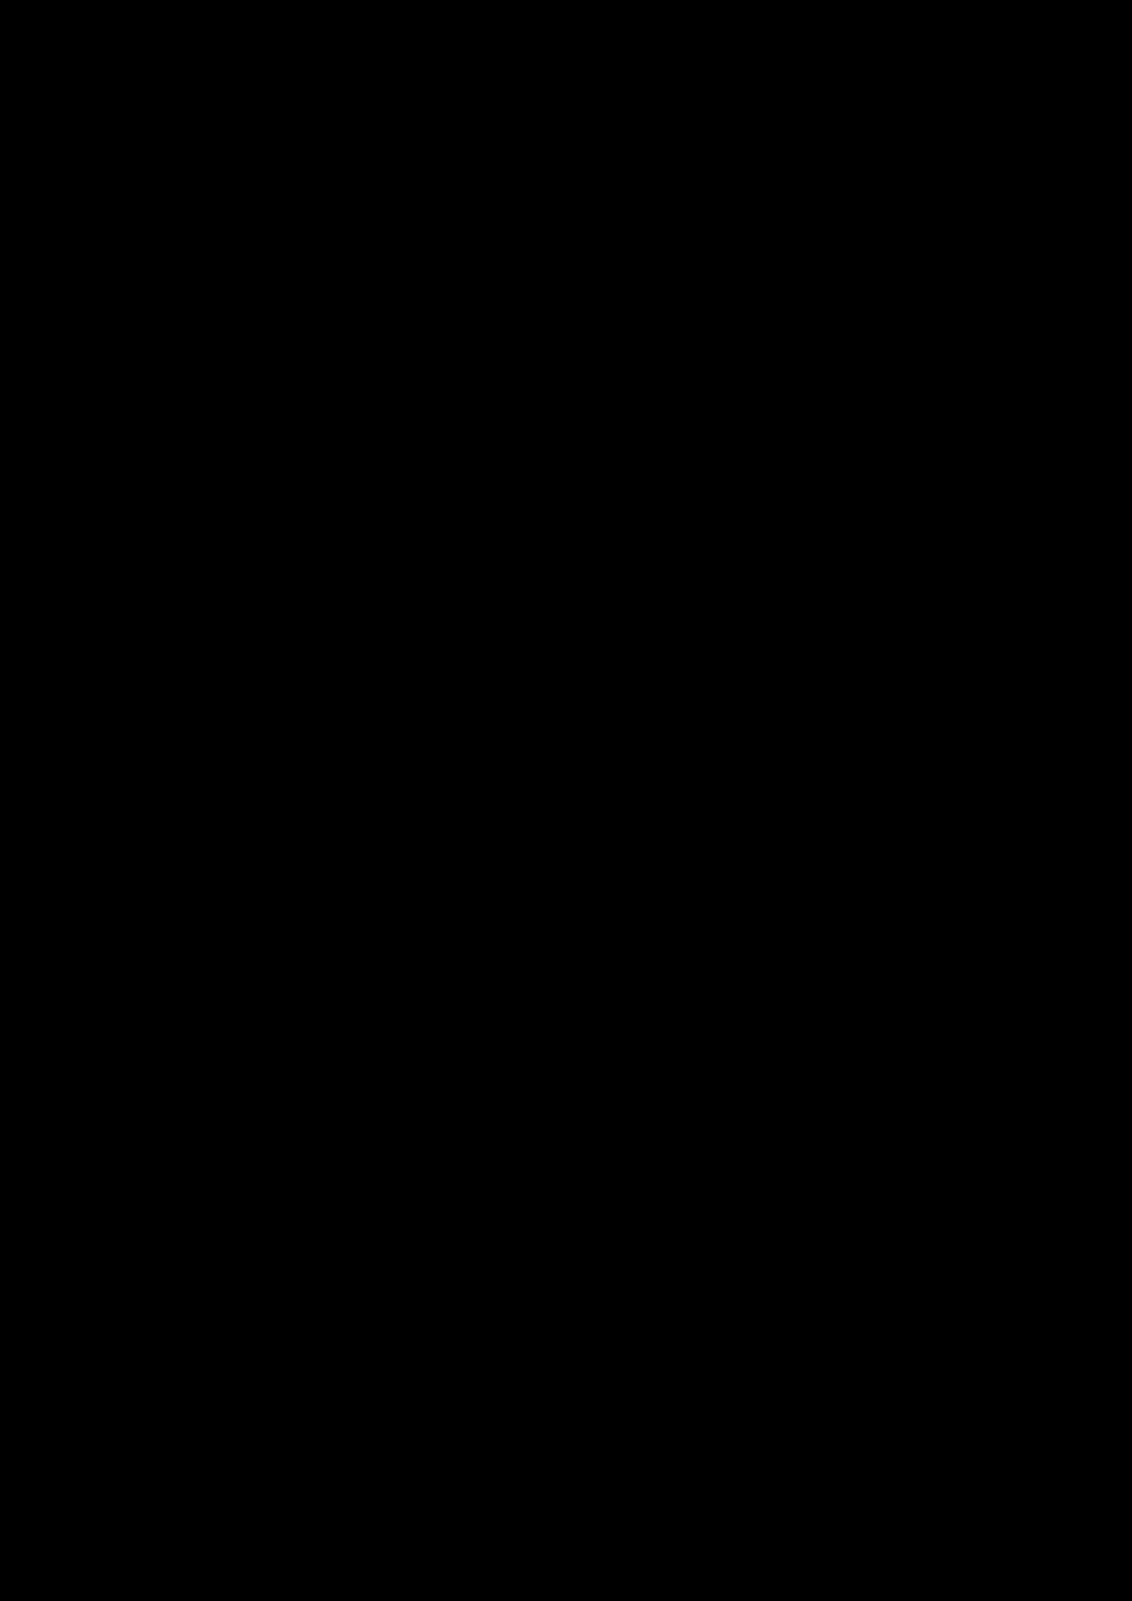 Proschanie s volshebnoy stranoy slide, Image 101